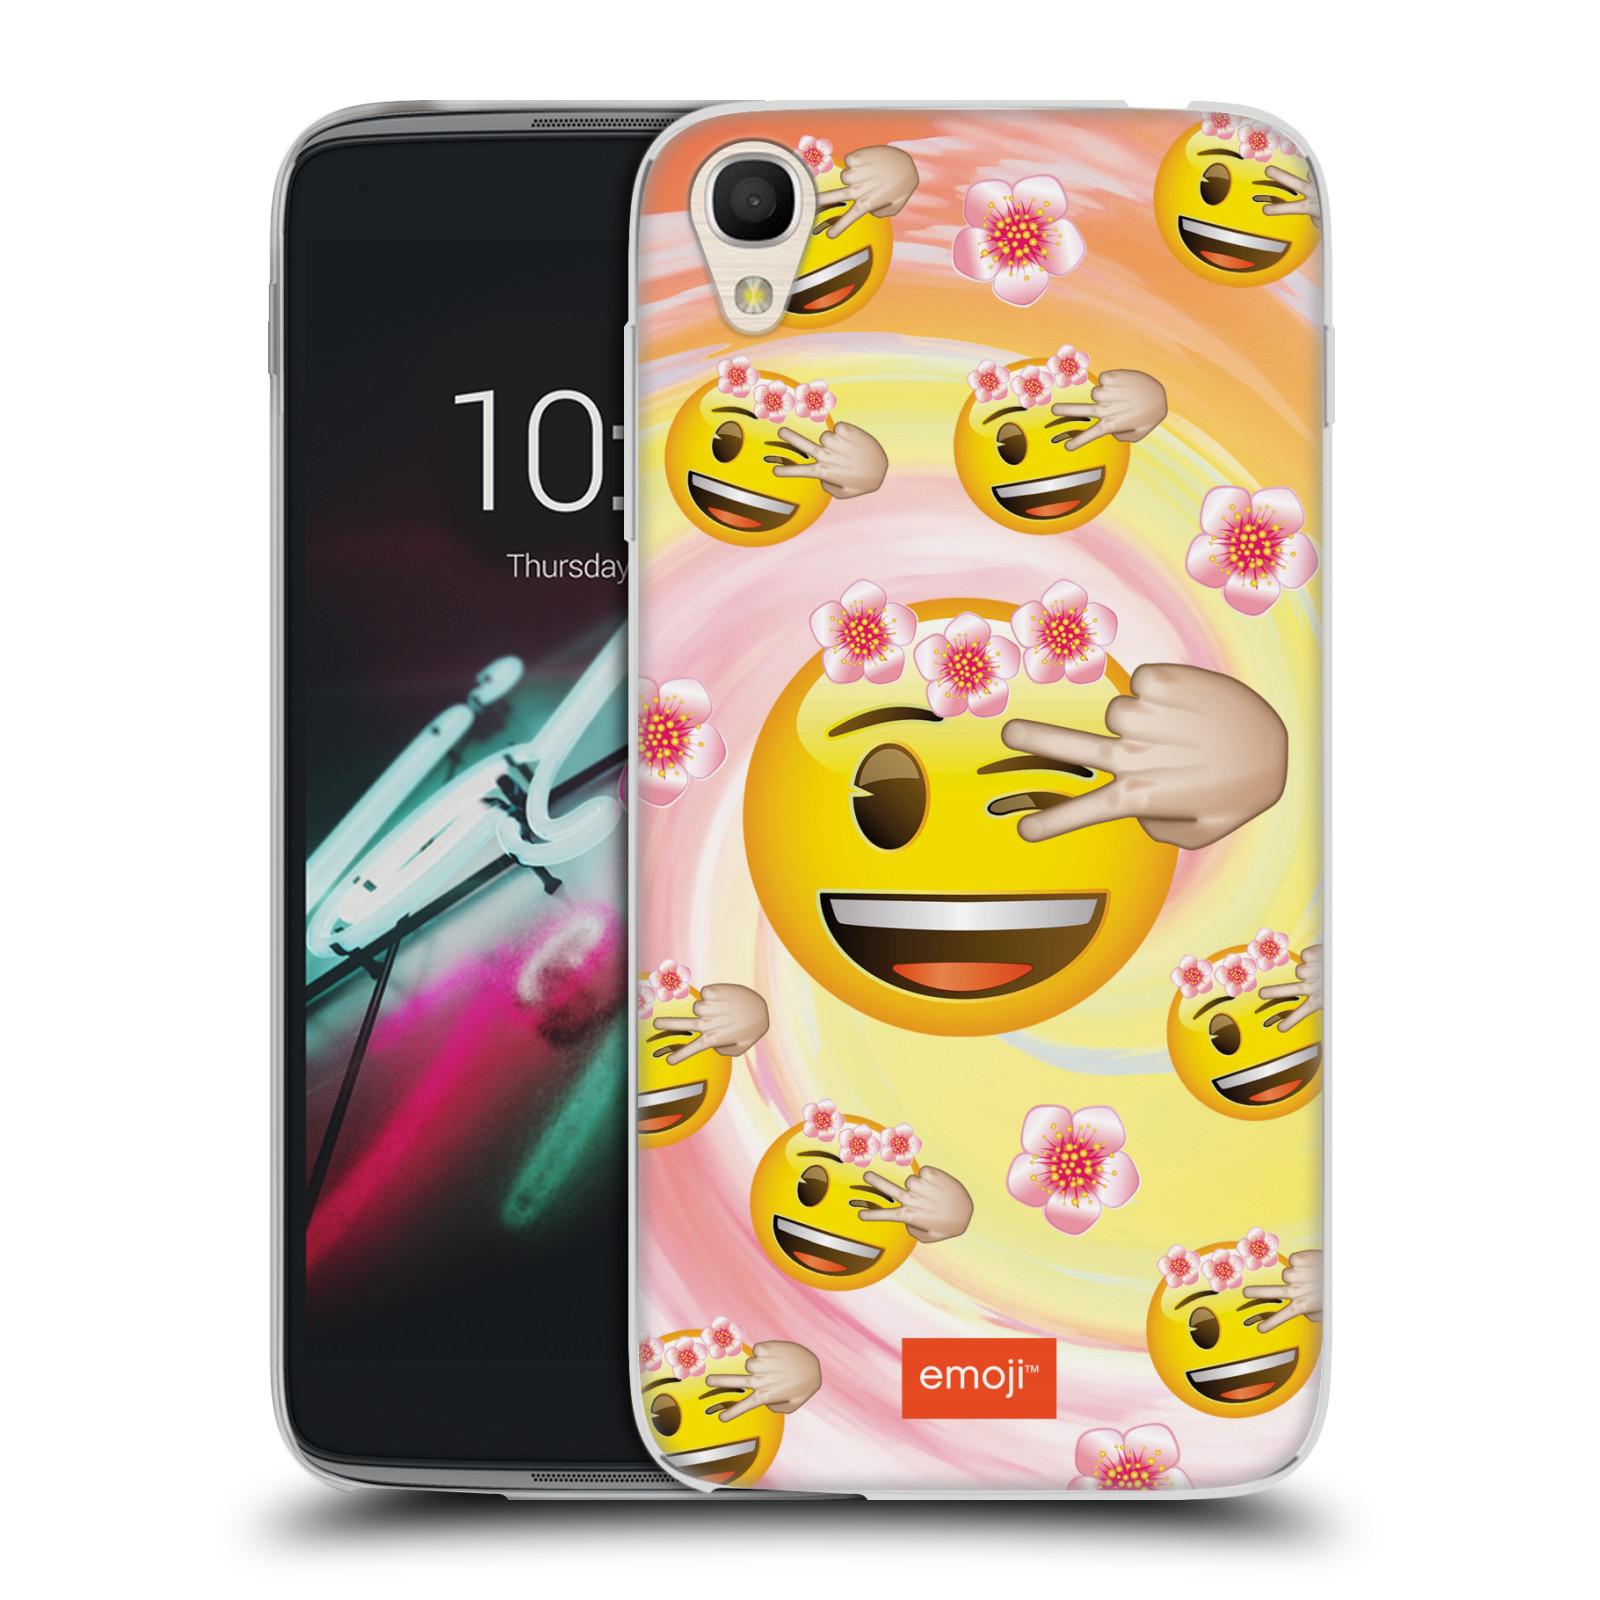 """Silikonové pouzdro na mobil Alcatel One Touch 6039Y Idol 3 HEAD CASE EMOJI - Mrkající smajlíci a kytičky (Silikonový kryt či obal s oficiálním motivem EMOJI na mobilní telefon Alcatel One Touch Idol 3 OT-6039Y s 4,7"""" displejem)"""